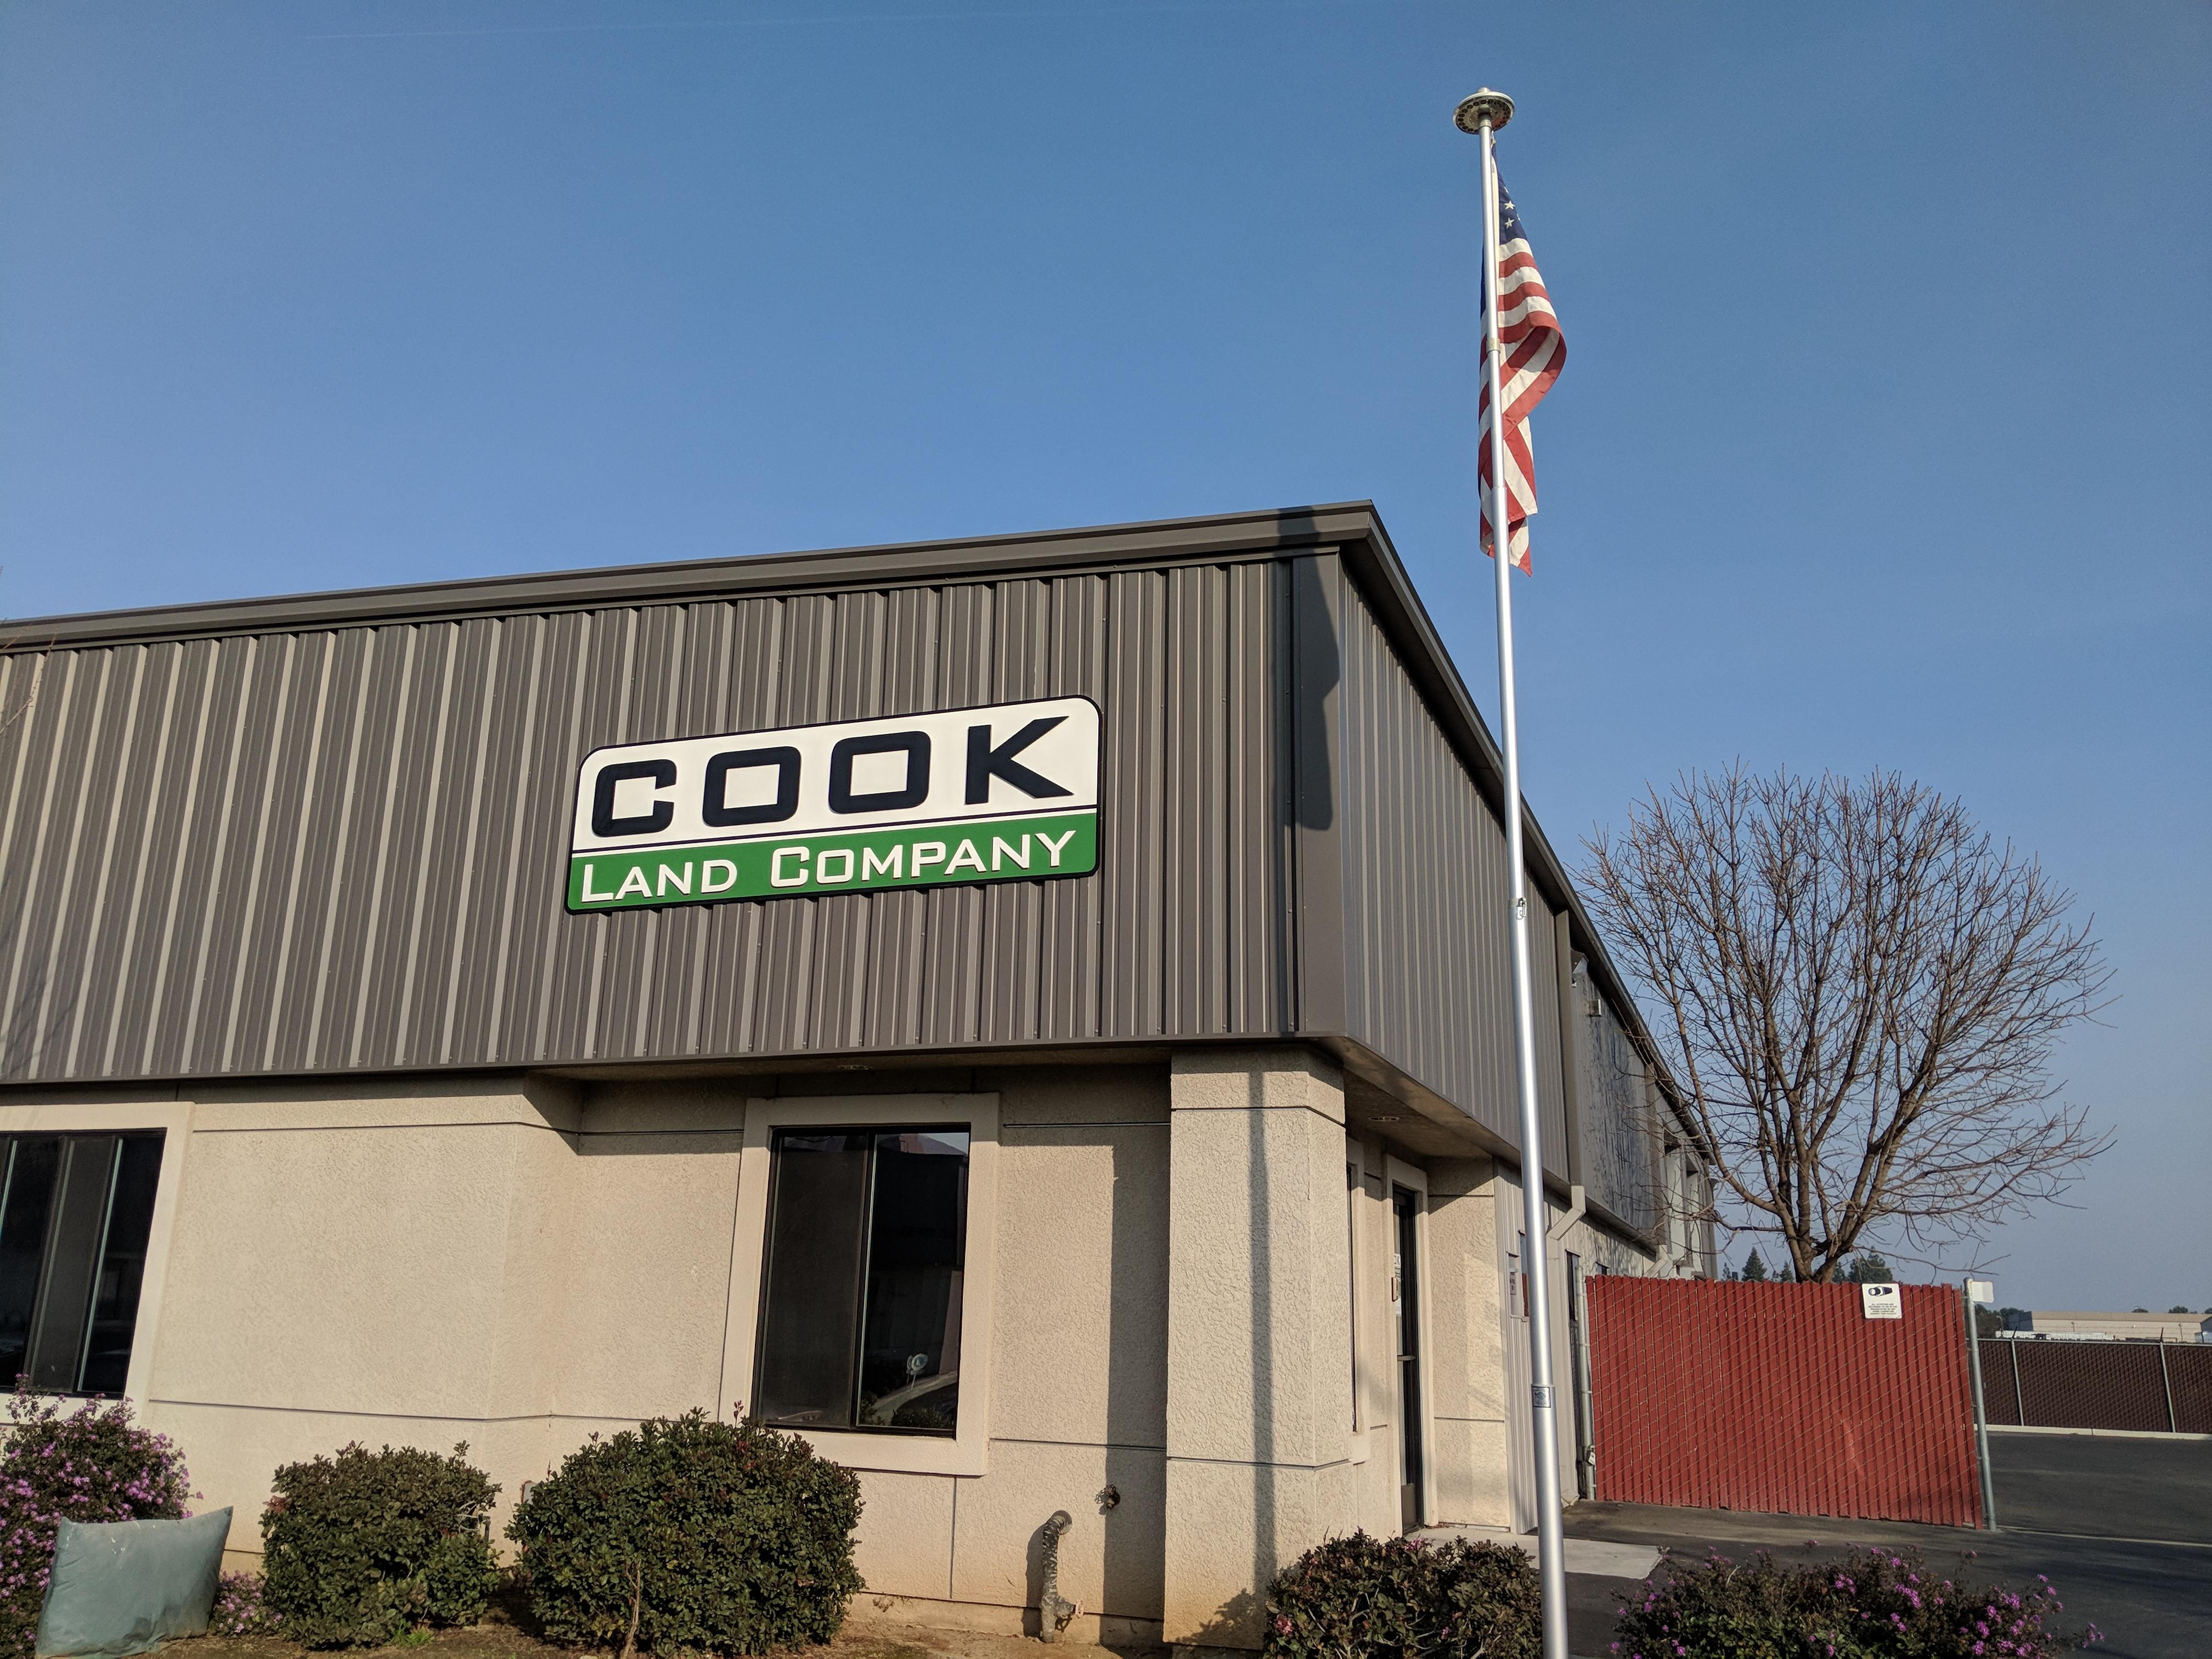 Cook Building